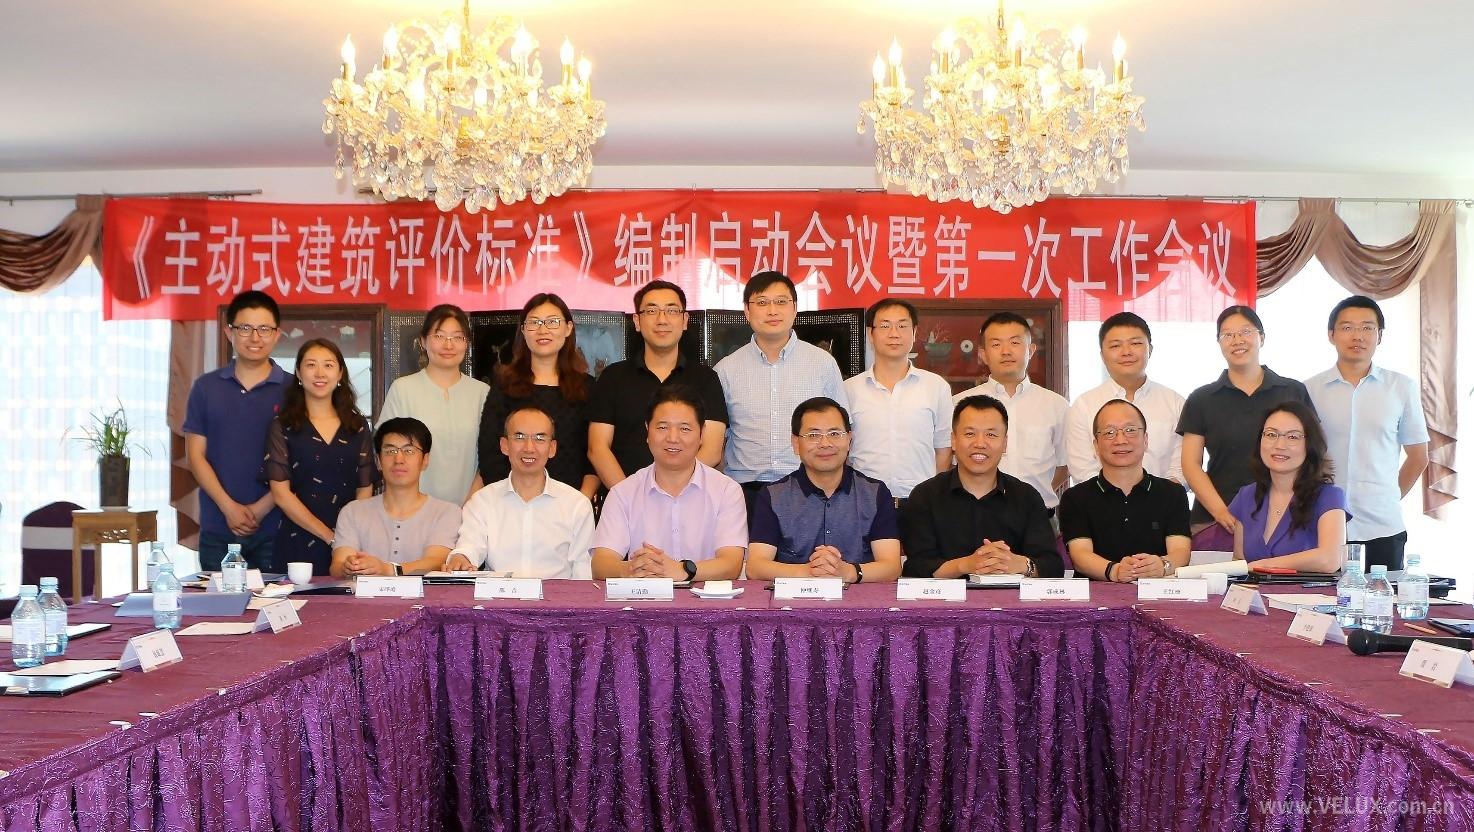 中国建筑学会《主动式建筑评价标准》编制工作全面启动